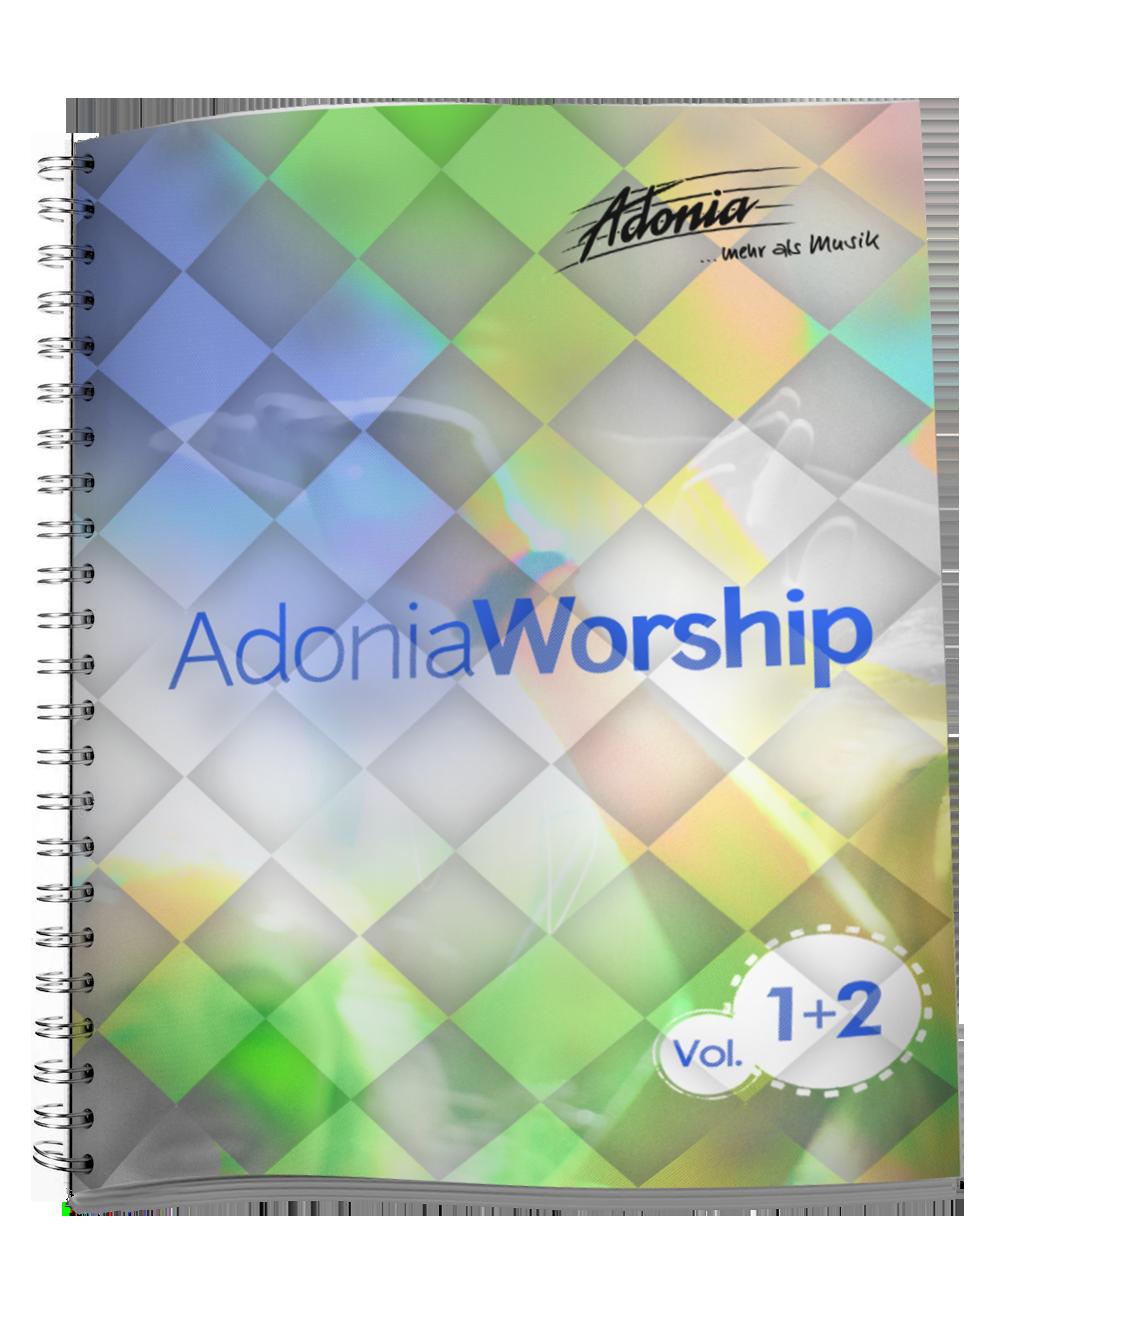 Liederbuch - Adonia Worship Vol.1 und Vol.2